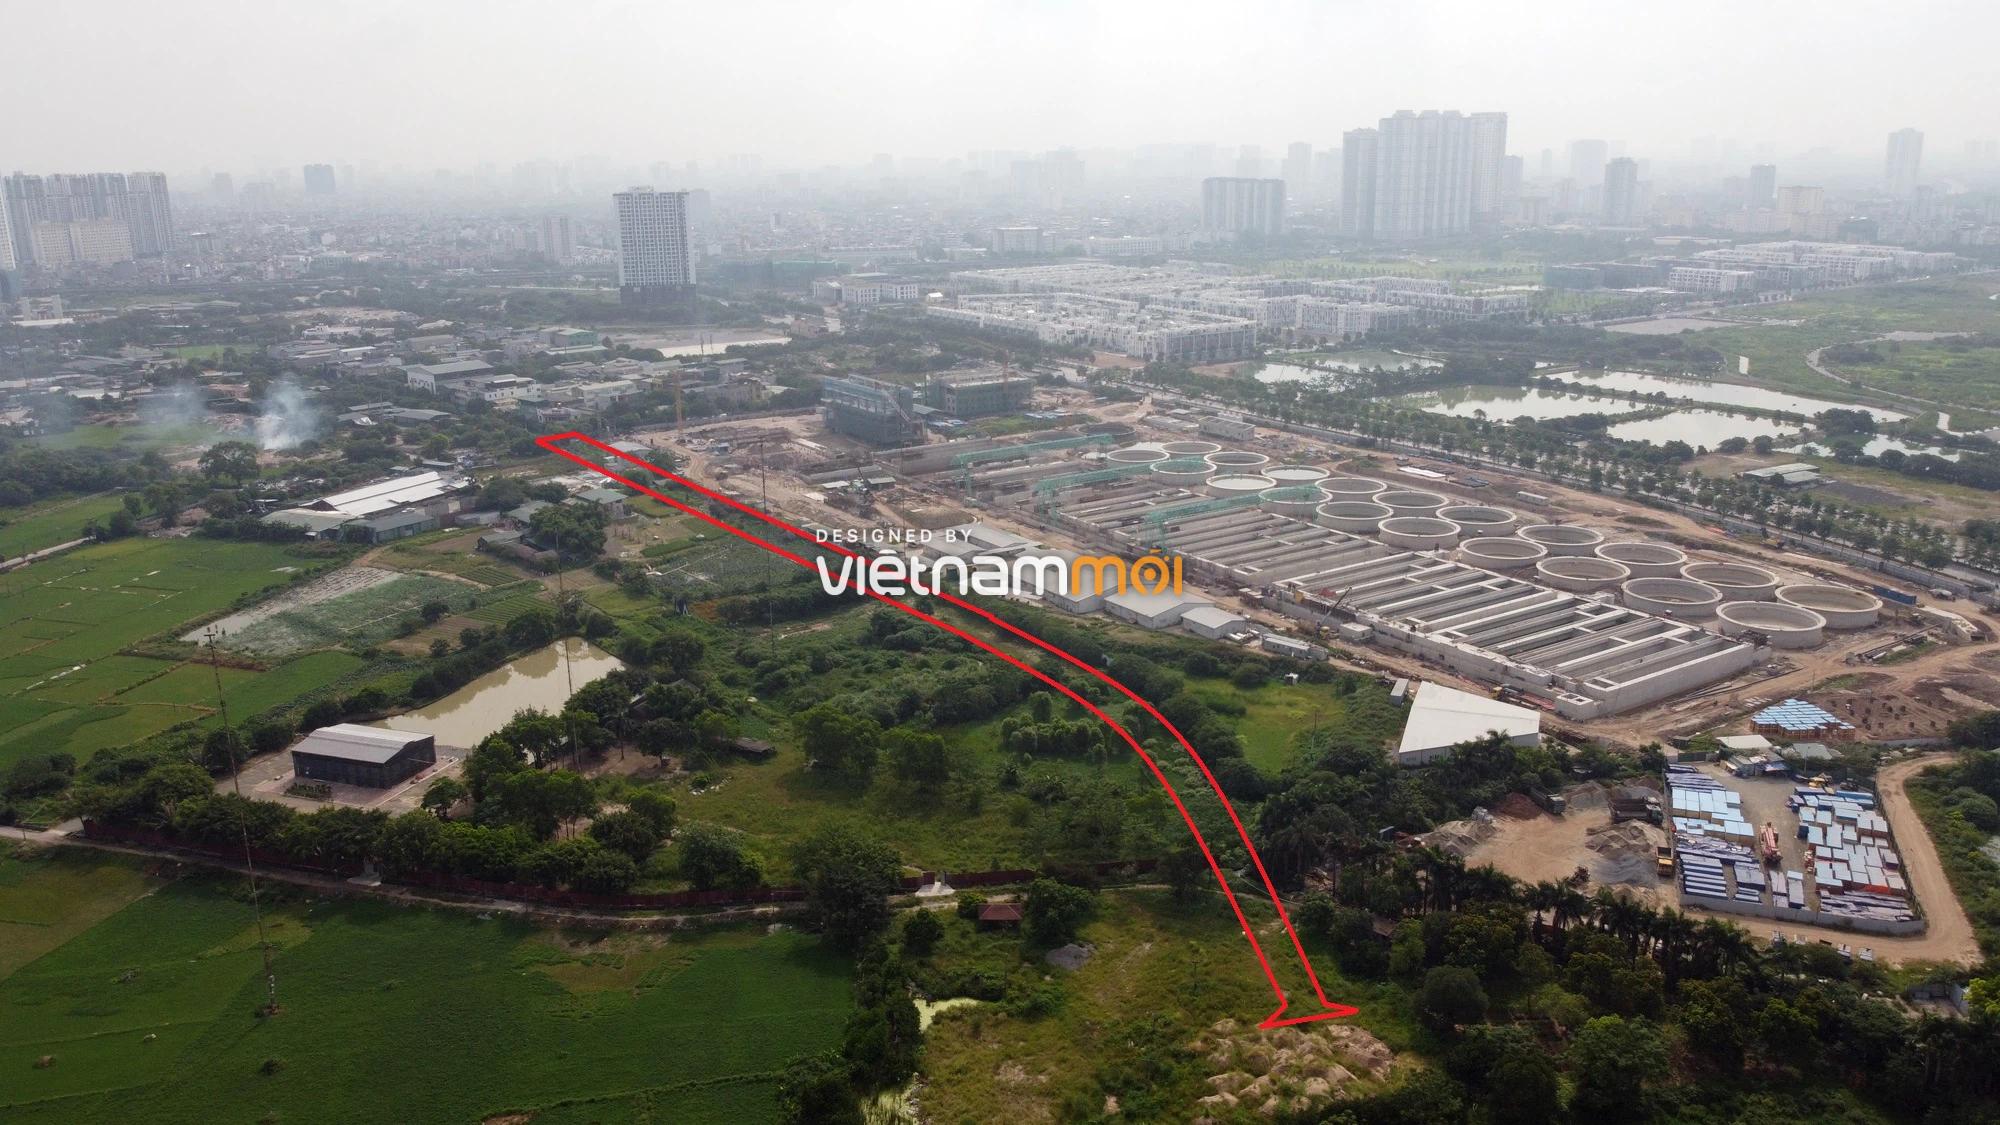 Những khu đất sắp thu hồi để mở đường ở xã Tân Triều, Thanh Trì, Hà Nội (phần 4) - Ảnh 15.